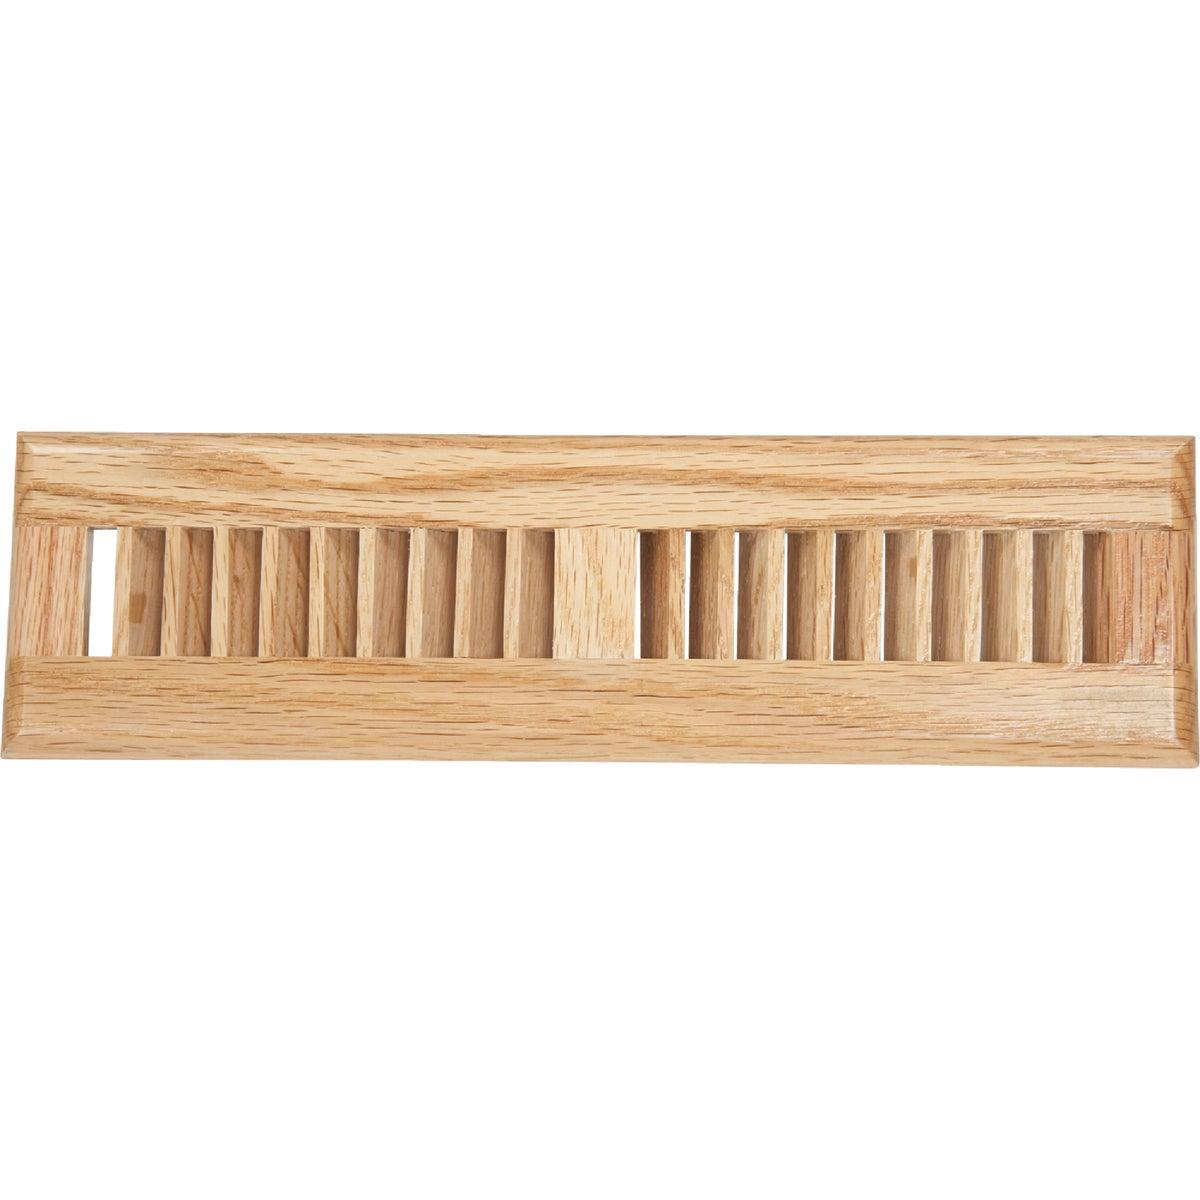 Home Impressions Contemporary Oak Floor Register, WF0212L0